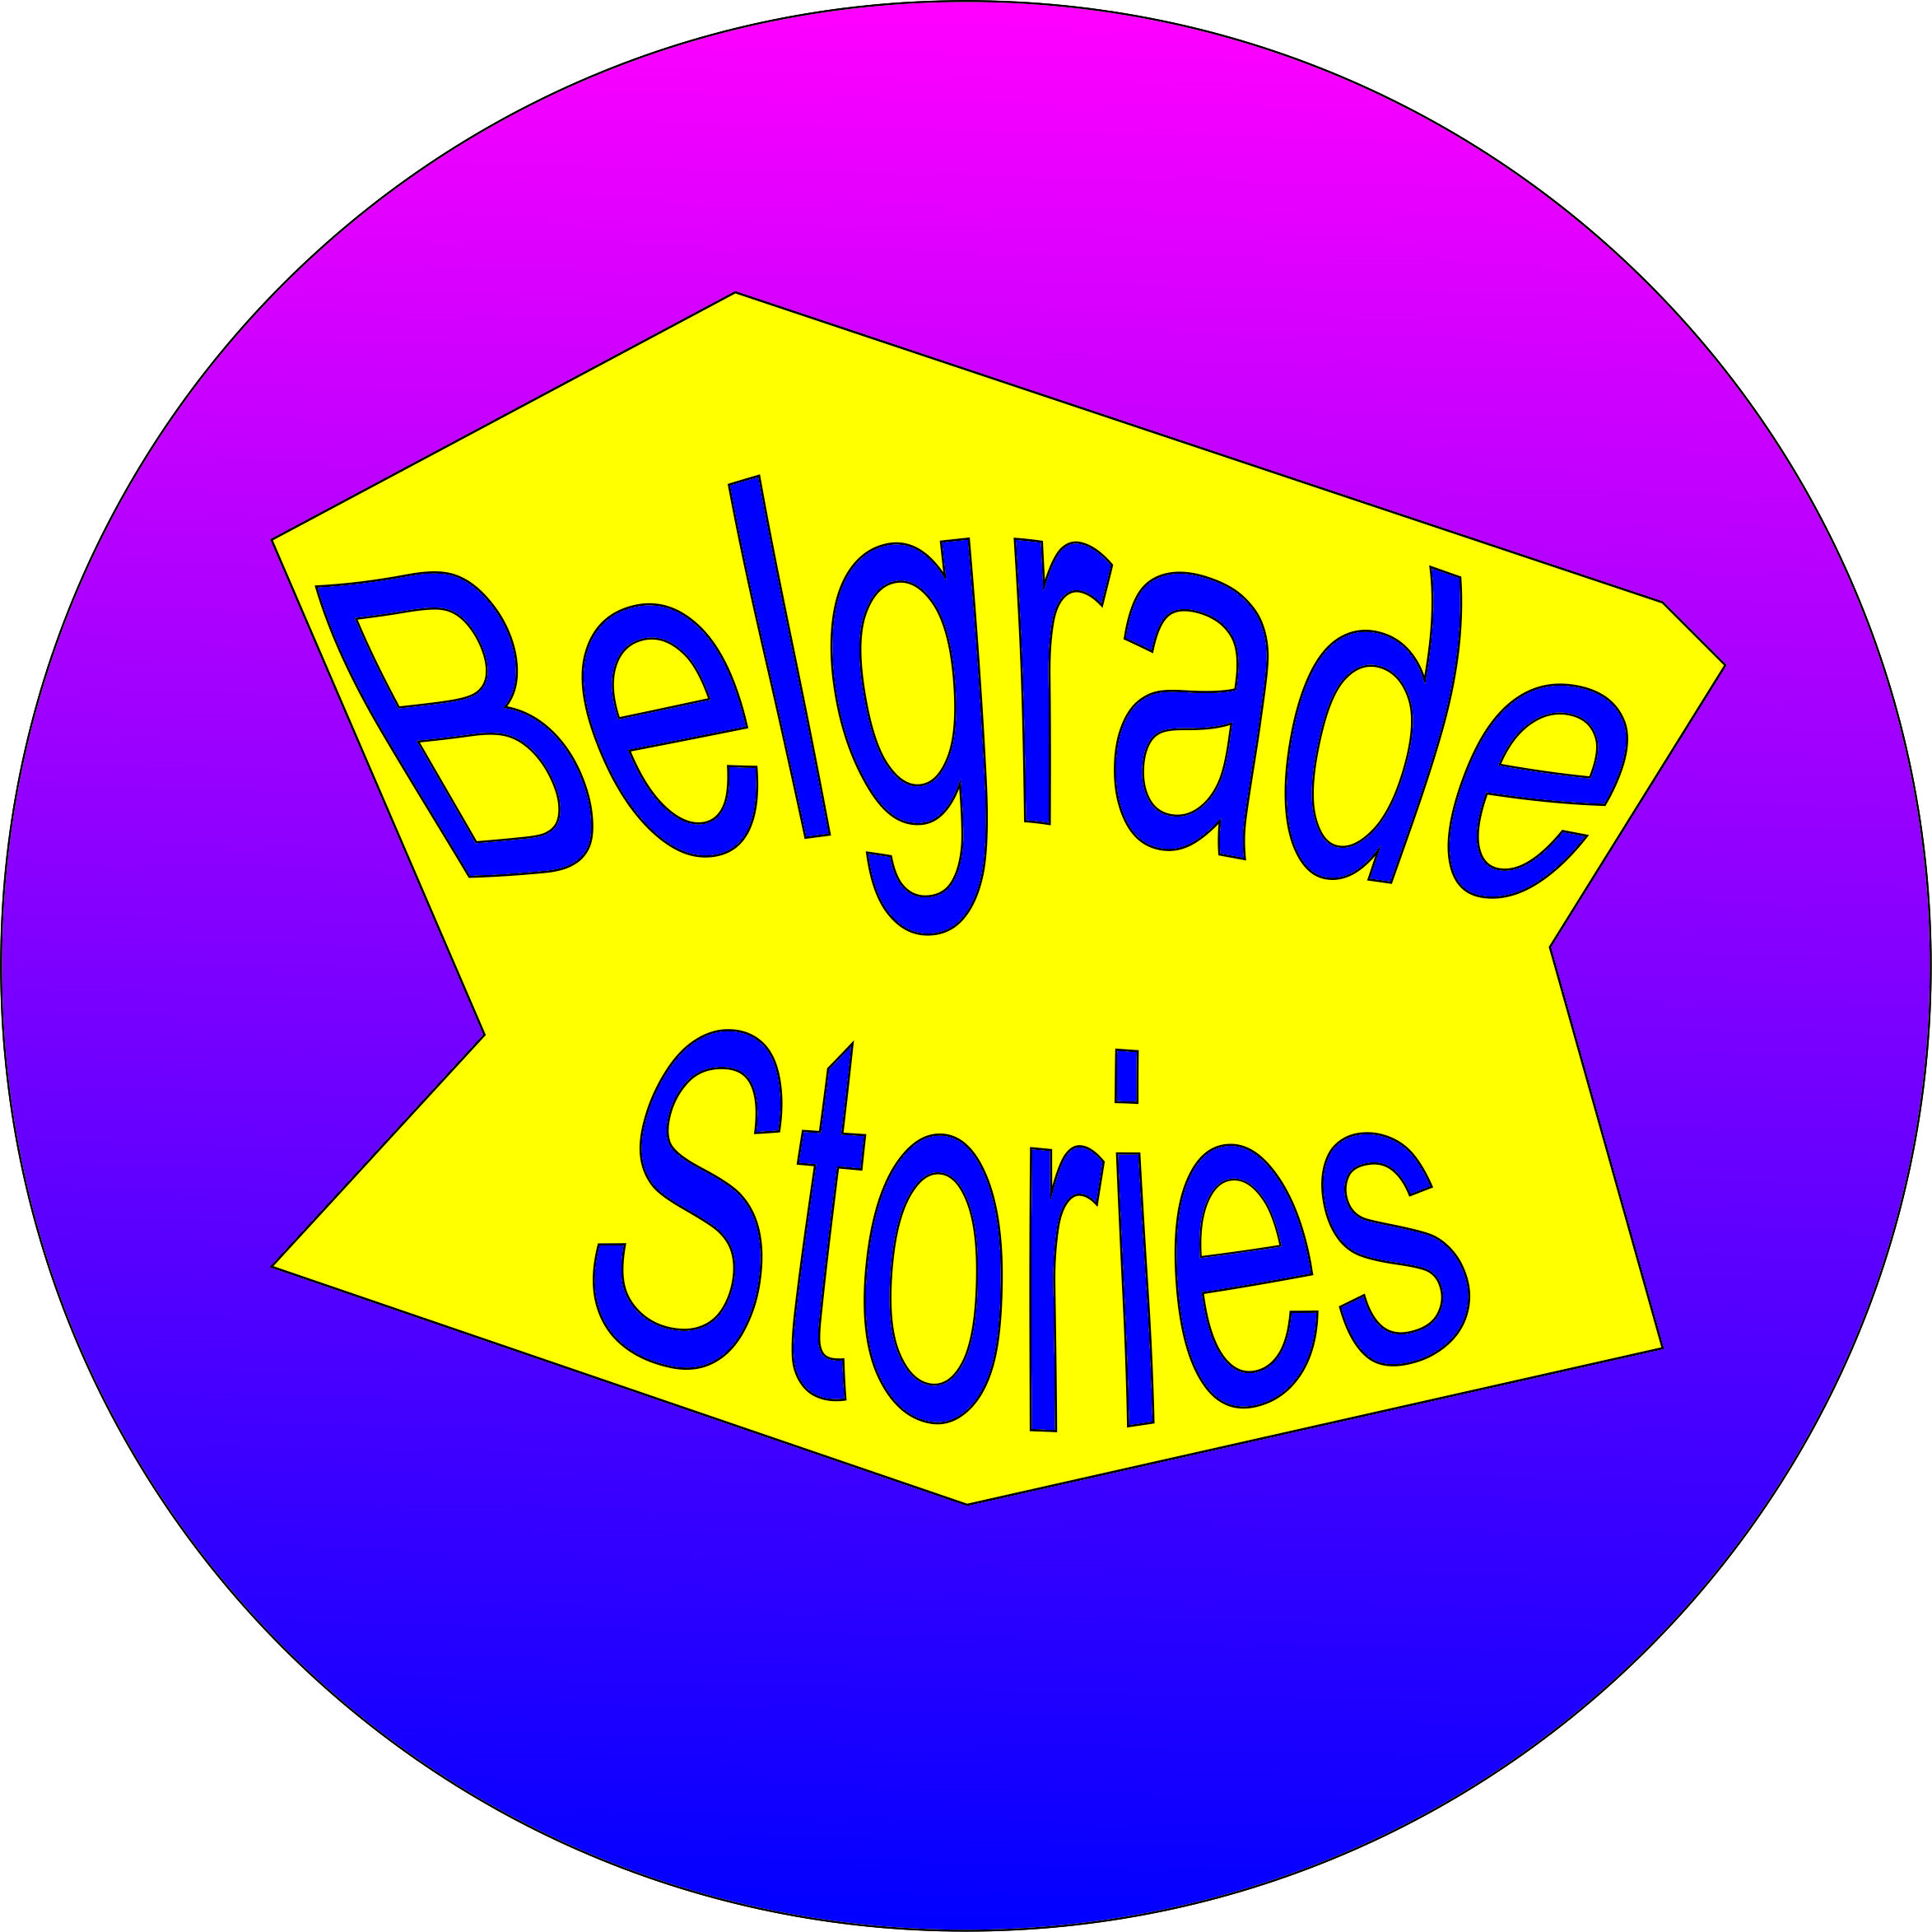 Логотип для агентства городских туров в Белграде фото f_6645891ea193b12a.jpg